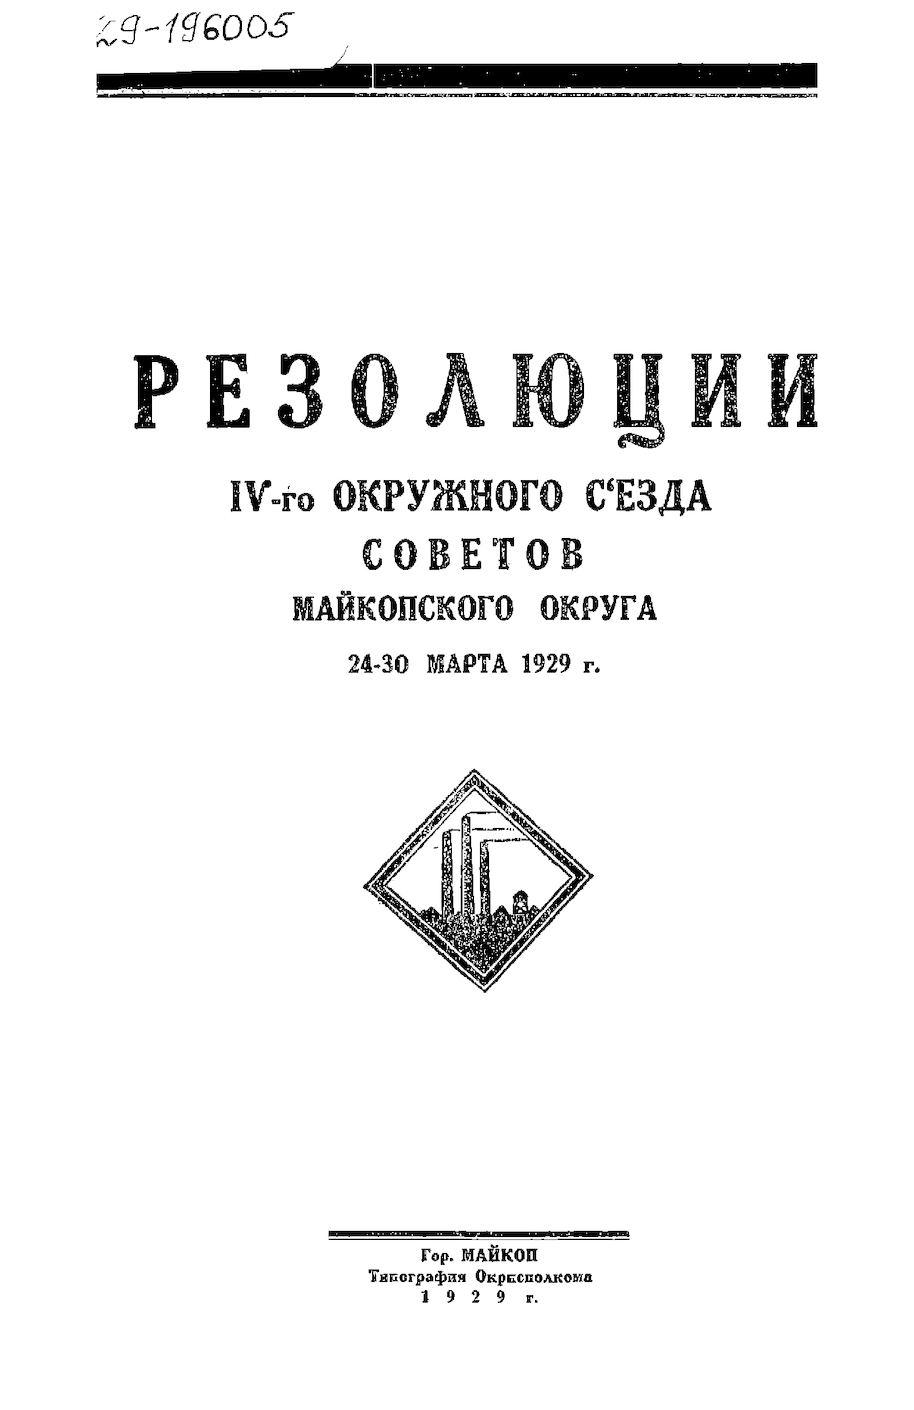 Майкопский округ Съезд Советов ,4 й Резолюции Iv го окружного съезда Советов Майкопского округа, 24 30 марта 1929 г.